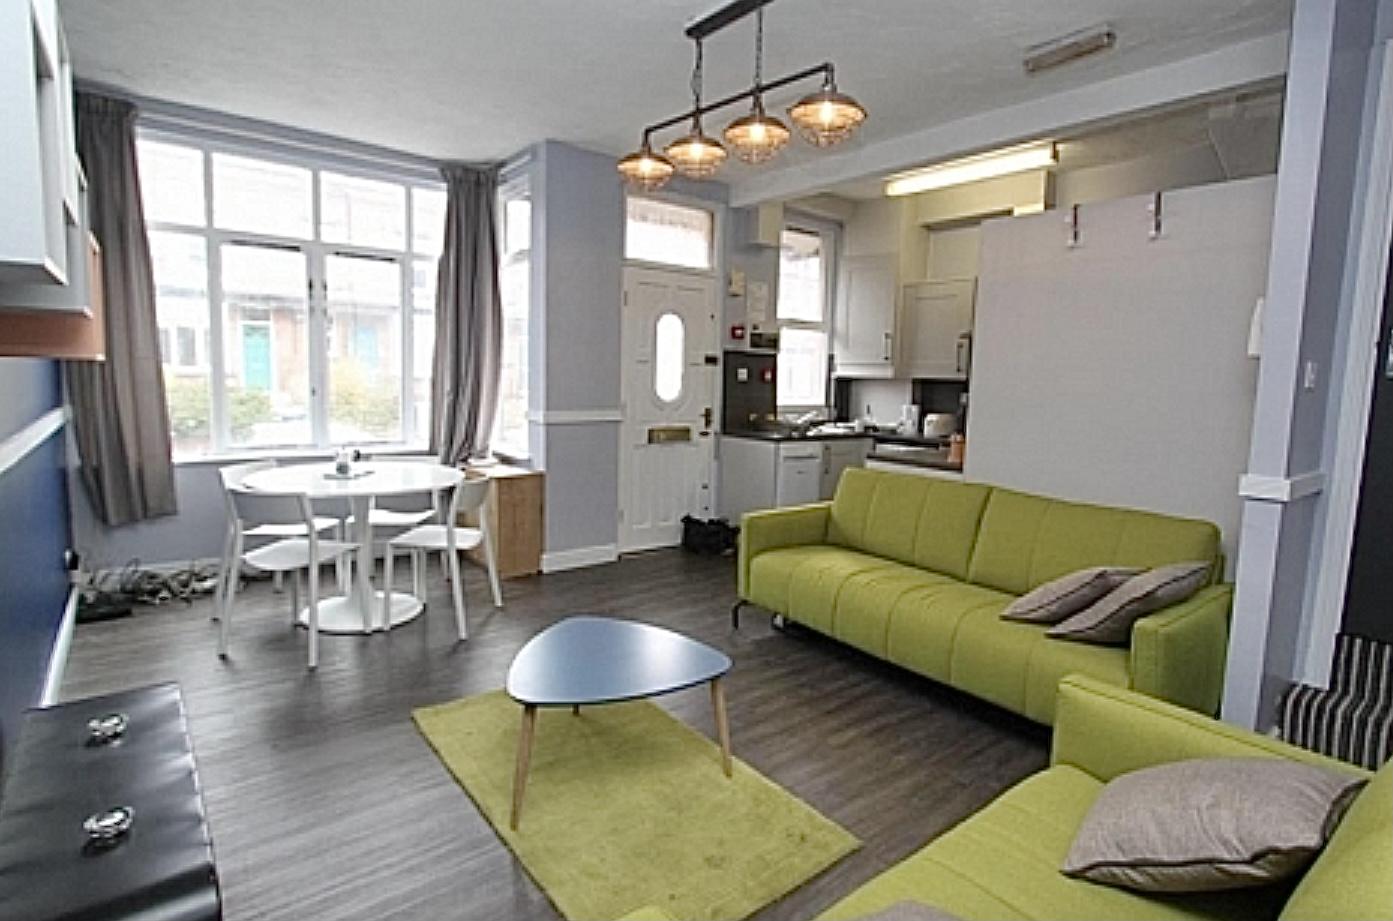 https://www.landlorddirectlets.co.uk/storage/app/uploads/public/606/44b/faa/60644bfaa38be115042982.jpeg